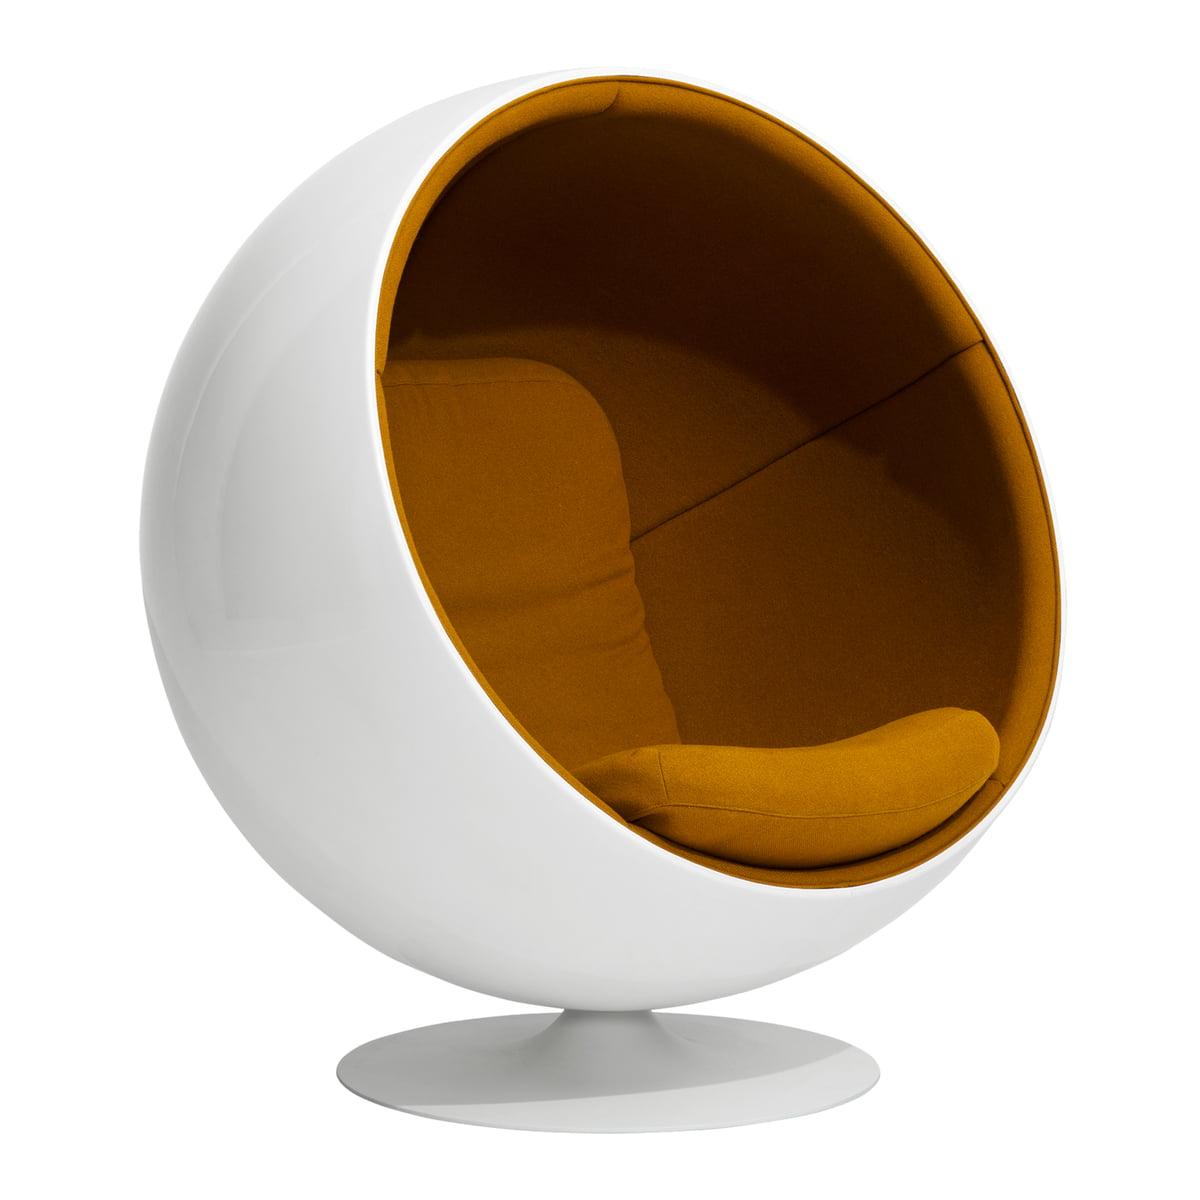 Delightful Ball Chair From Eero Aarnio Originals In Orange (Hallingdal 65 /547)